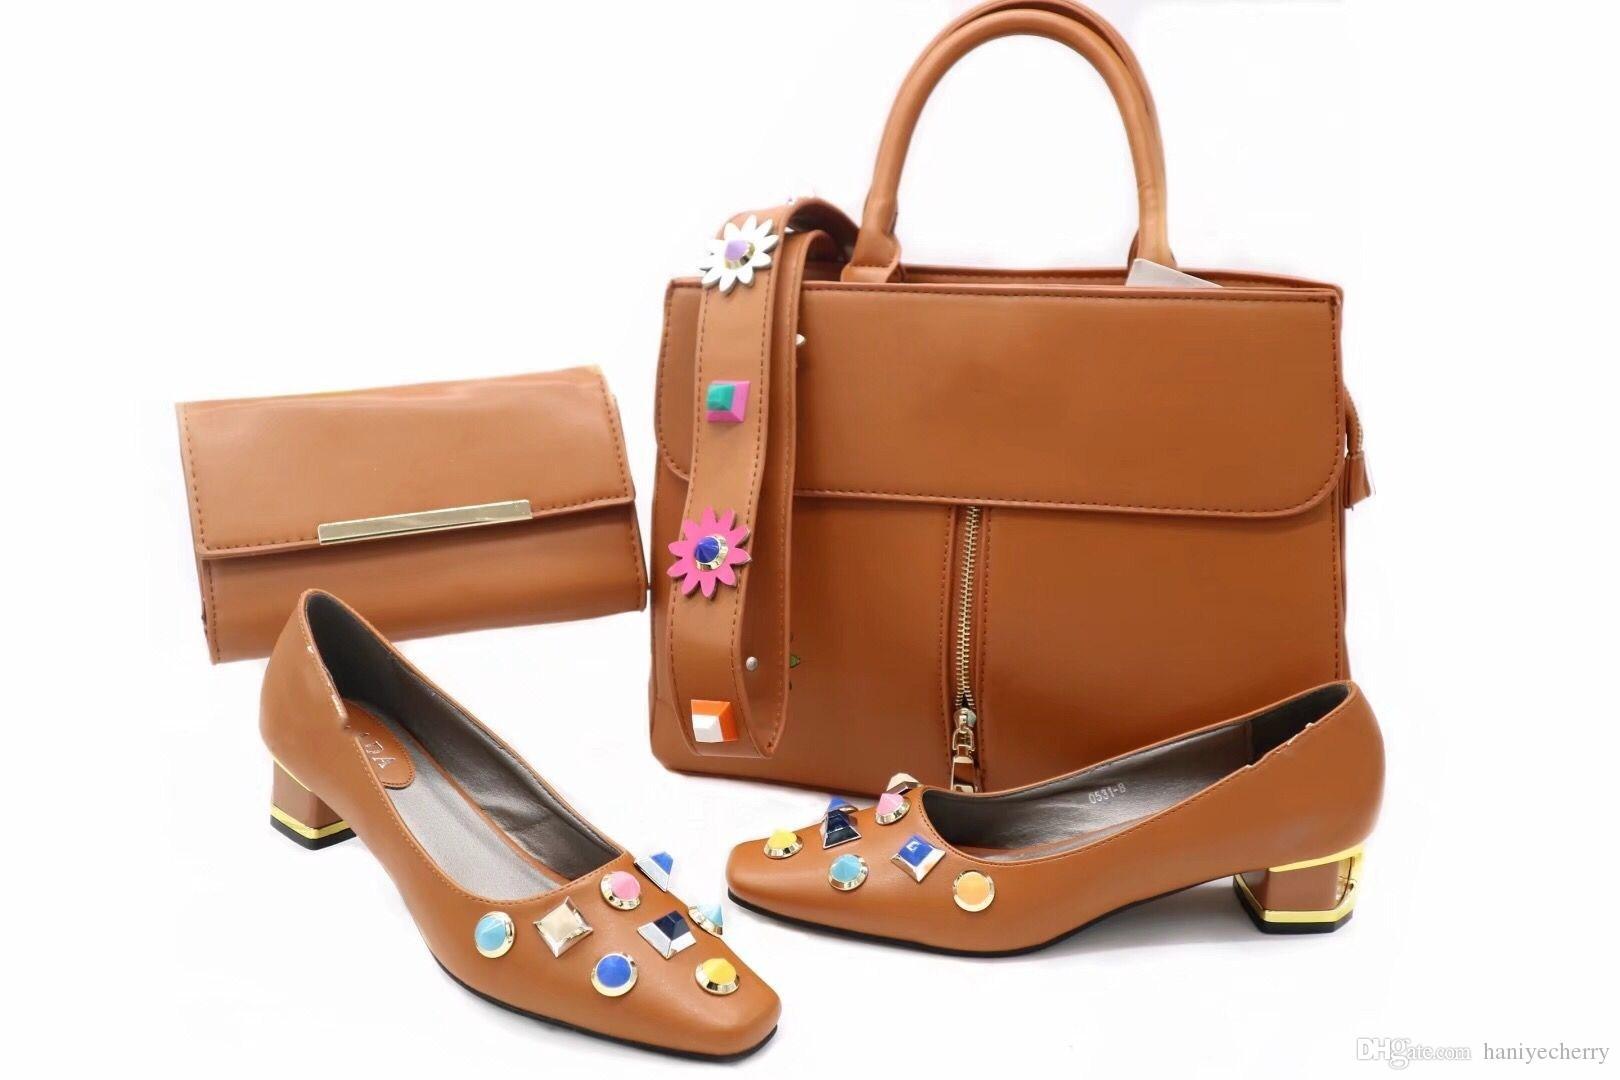 0acc3cdd70c2dc Acheter Dessins Et Modèles Italiens Chaussures Assorties Sac Et Chaussures  De Style Africain De $80.64 Du Haniyecherry   DHgate.Com